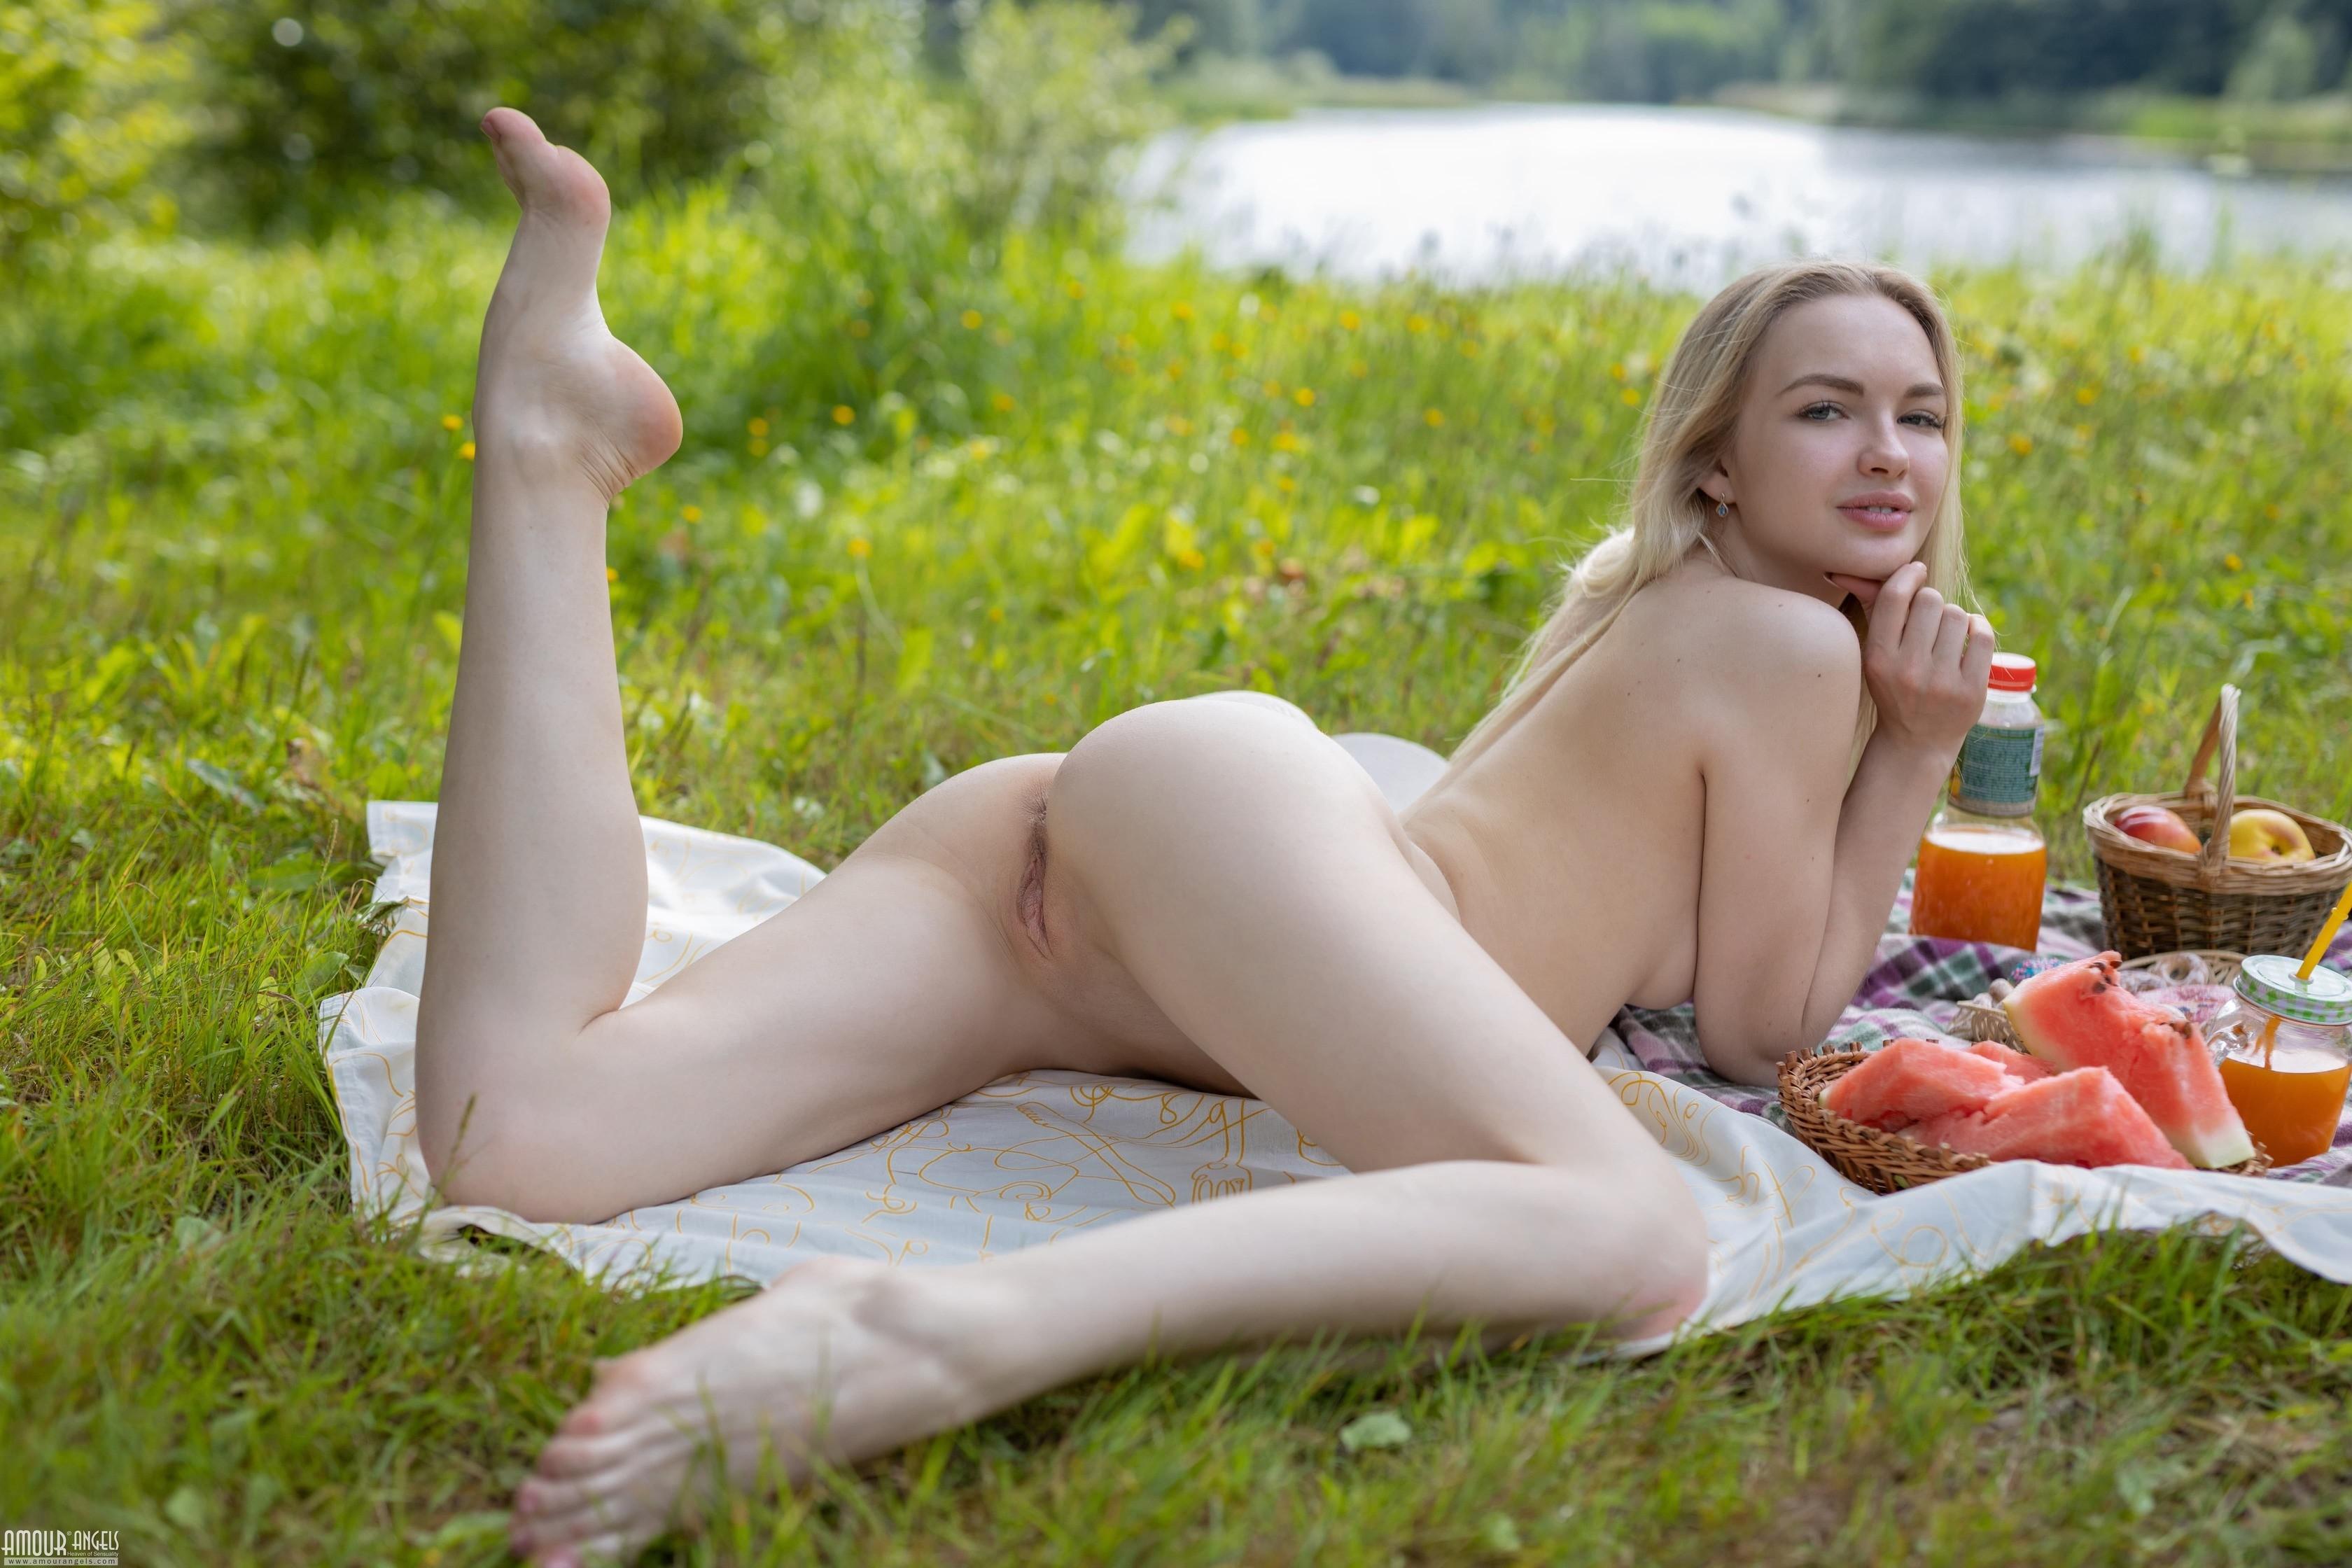 Блондинка показала письку и попку на пикнике - фото